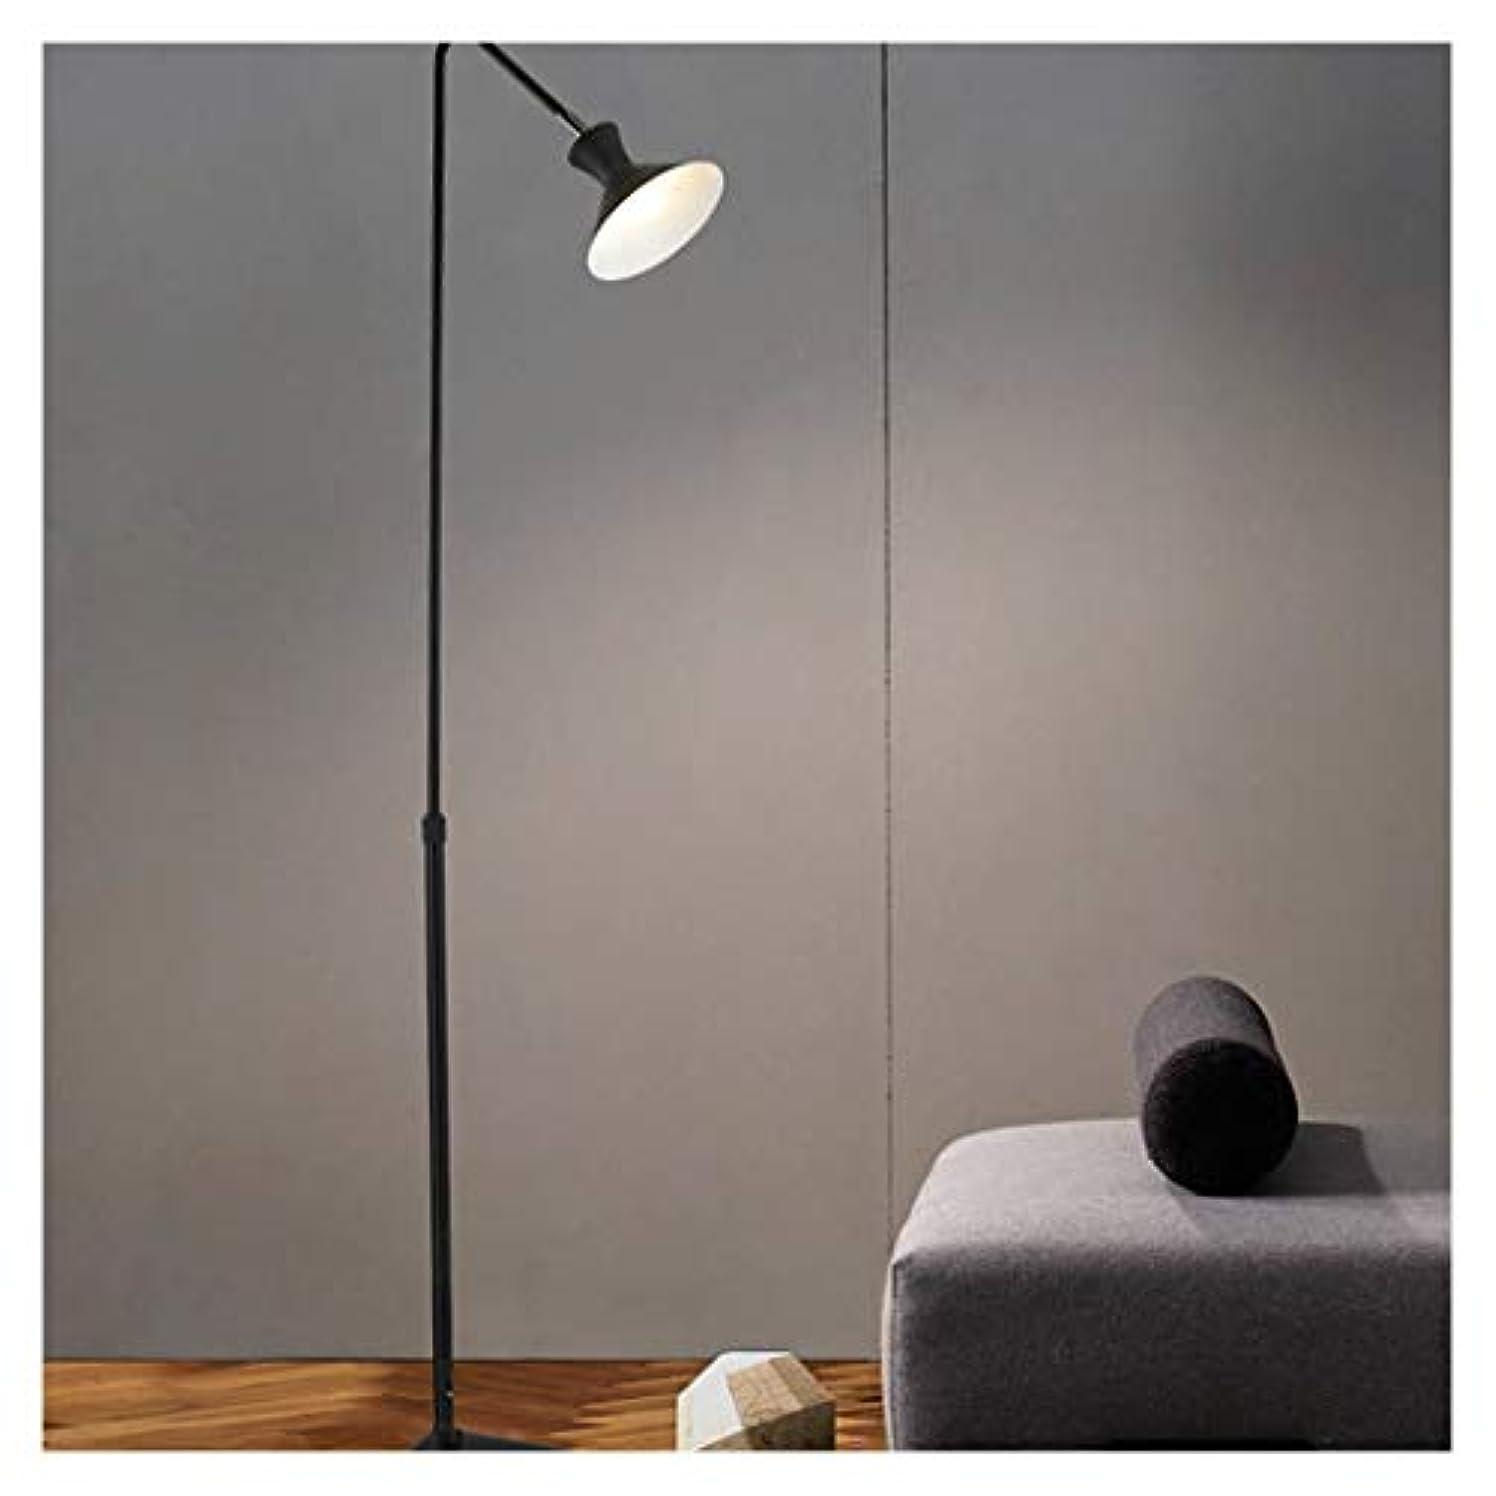 面白い物足りない問い合わせるDerFel フロアランプ - LEDクリエイティブ寝室リビングルームスタンドランプスタディシンプルモダン人格ベッドサイドフロアランプ フロアスタンド?ランプ